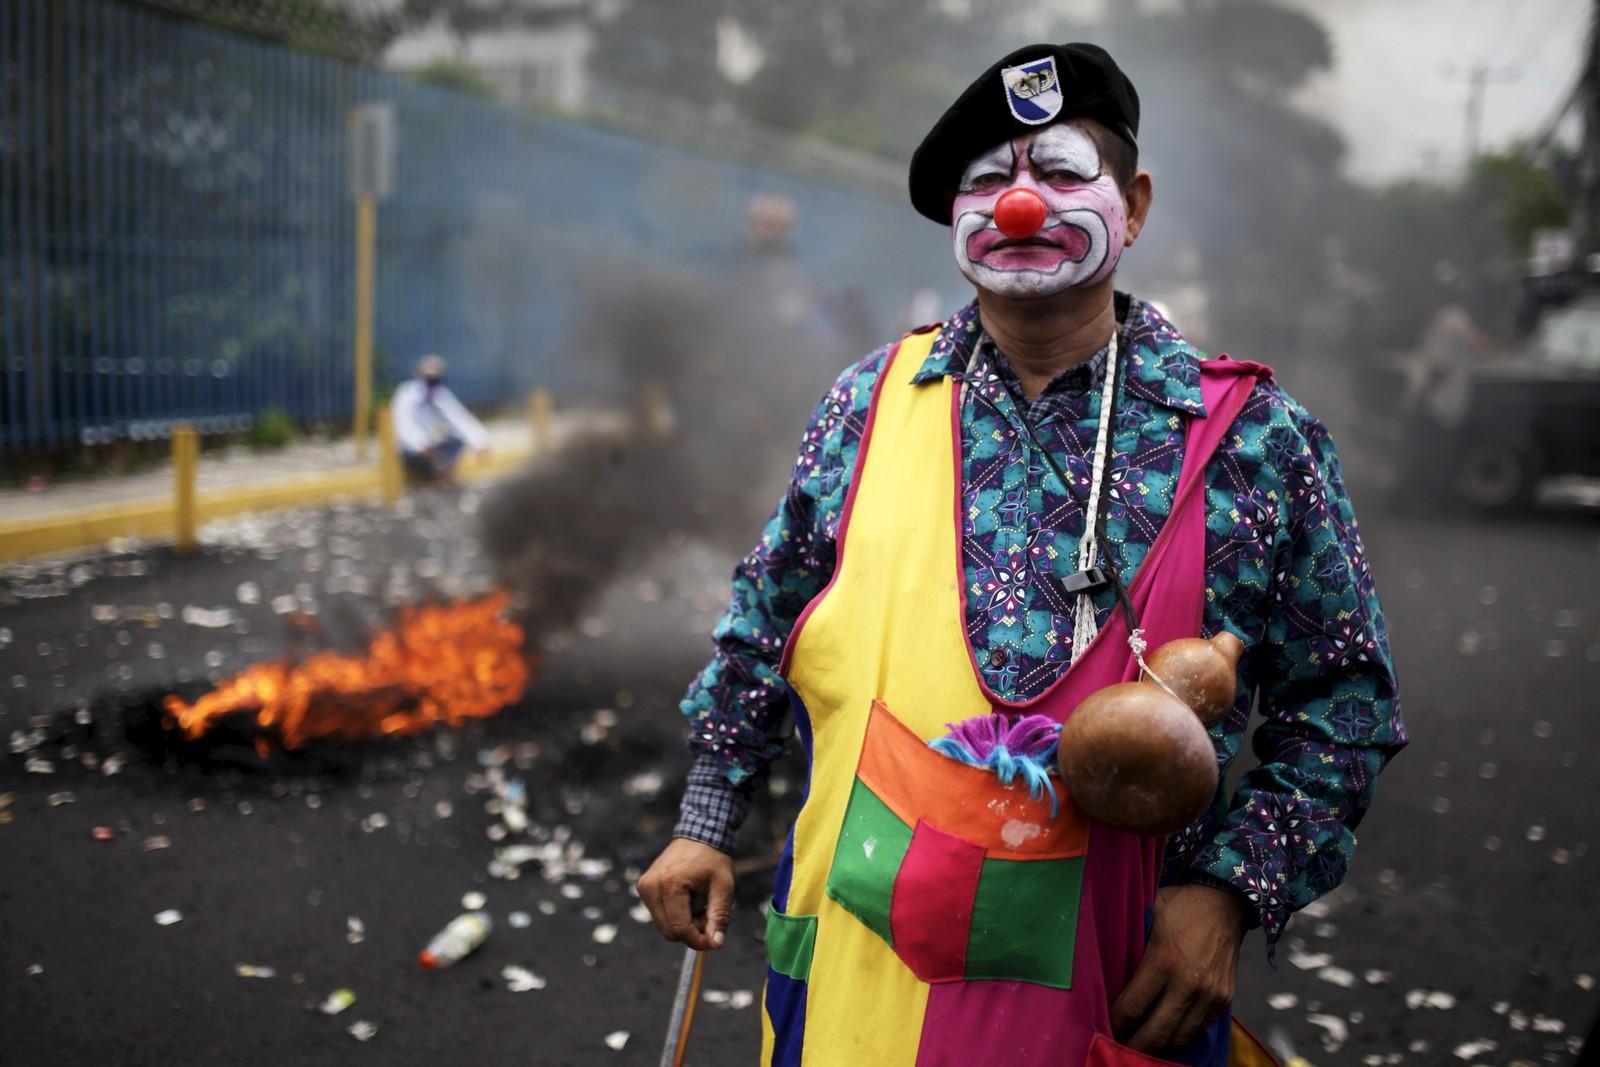 Borgerkrigsveteranen «Tecomatio» deltar i en demonstrasjon i El Salvador som krevde rettigheter for hans gruppe.